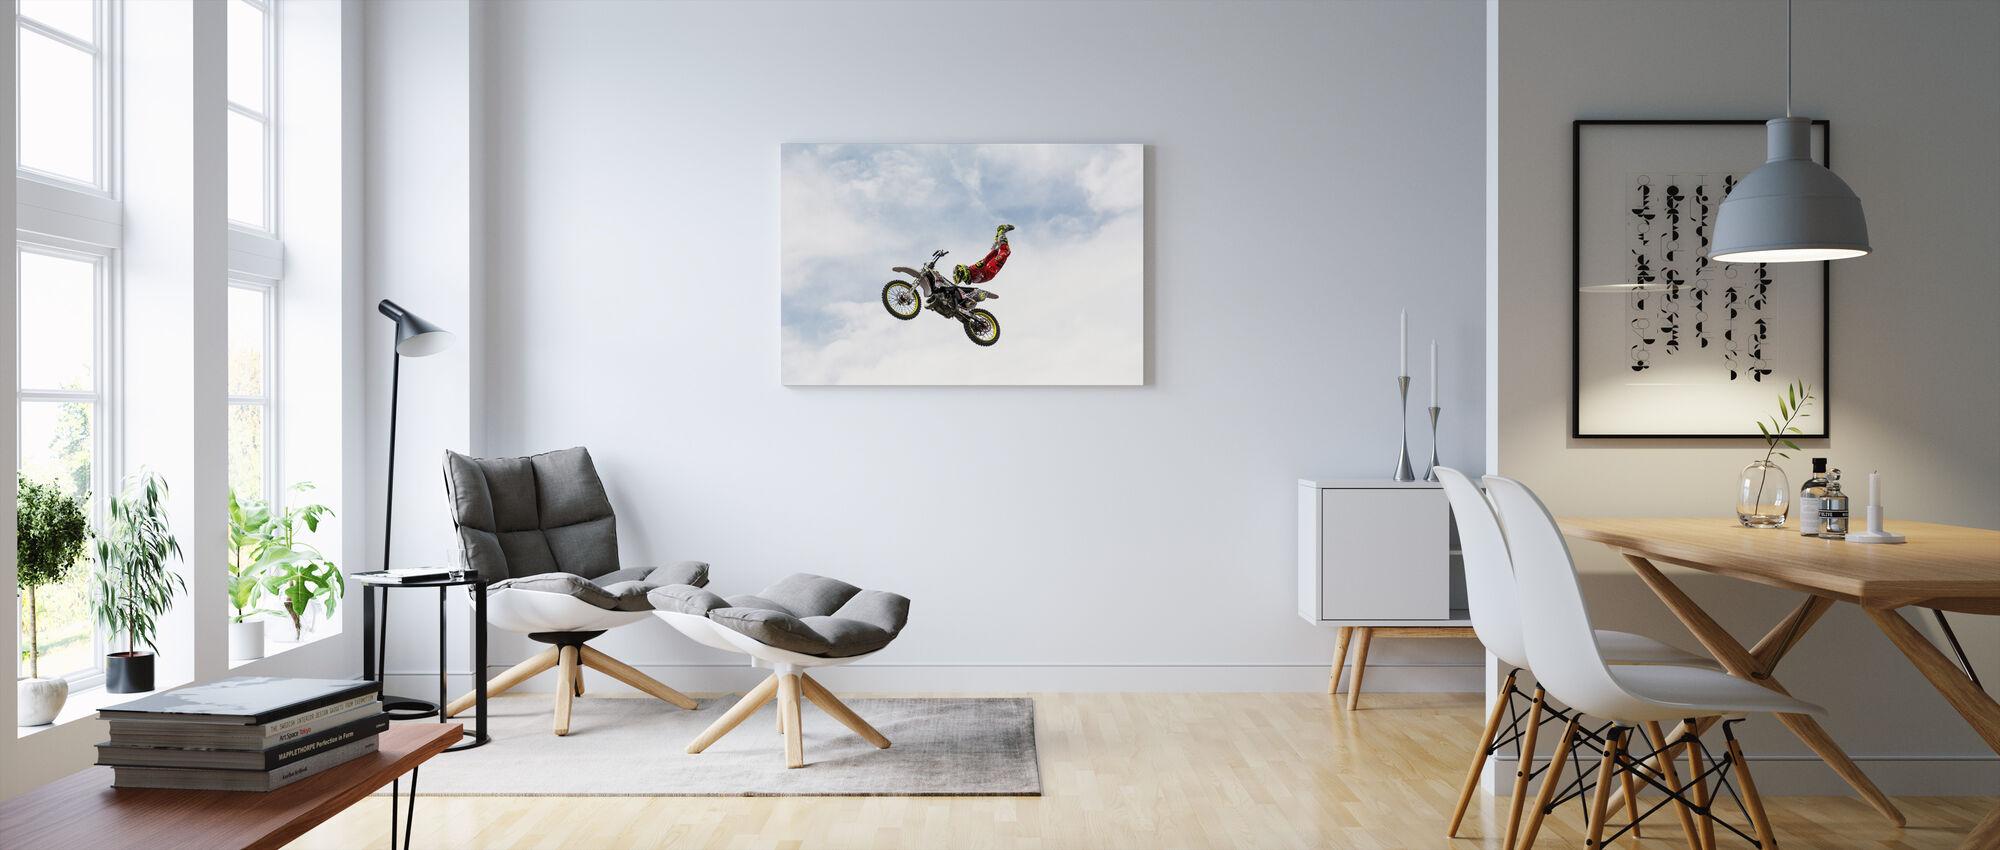 No Hands Superflyer - Canvas print - Living Room